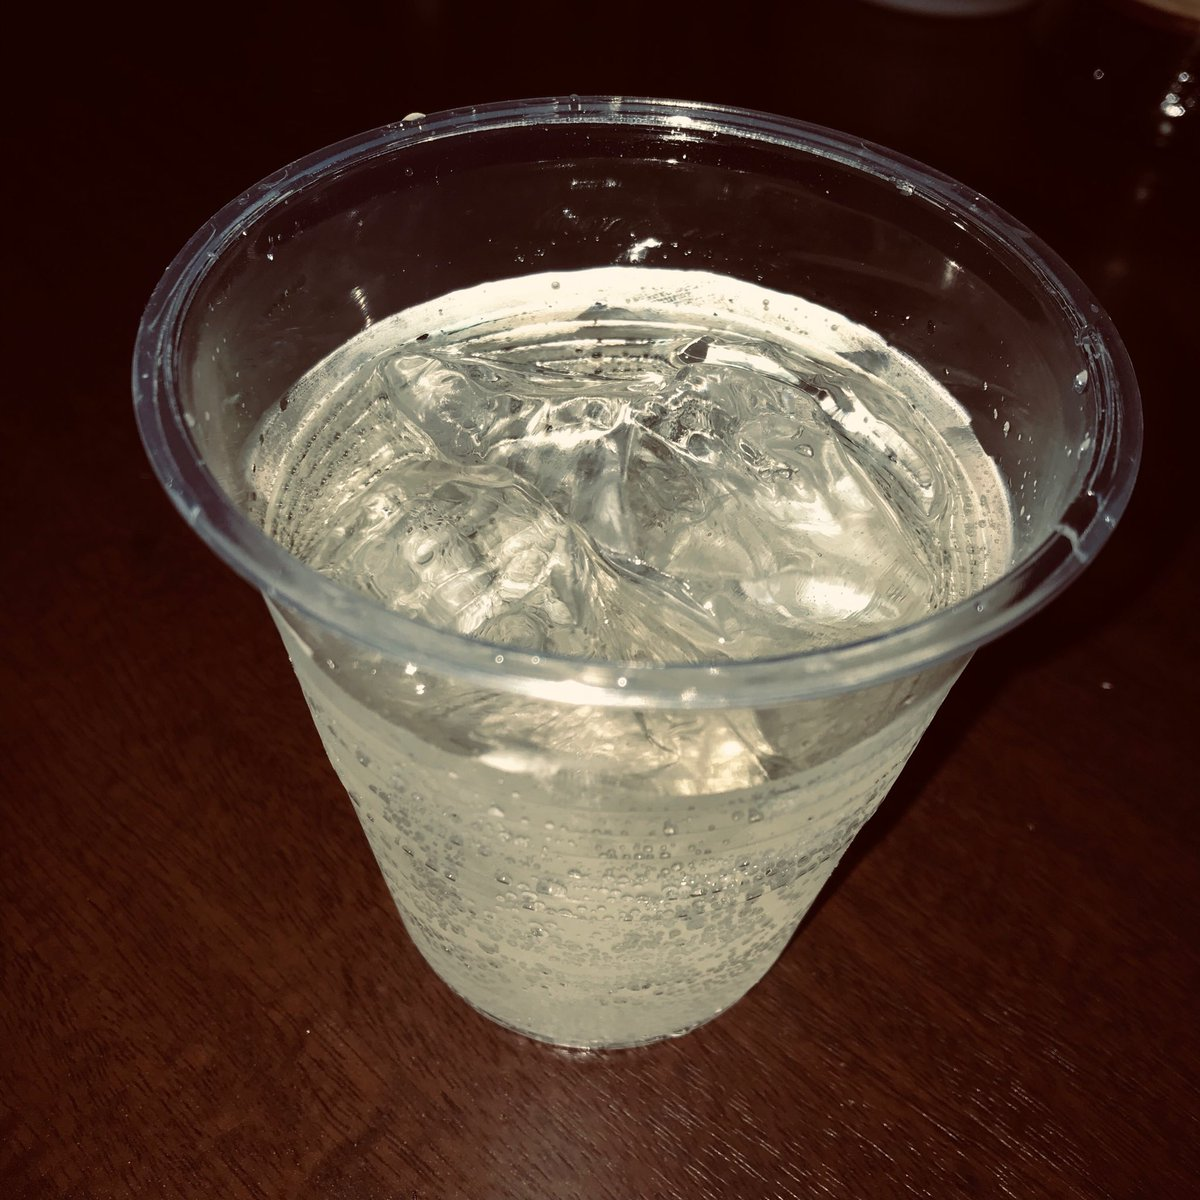 というわけで #ニジフリ Day1という名の #空想DD ですなう at Bar Caezar。ただいまFITTさんがプレイ中。...